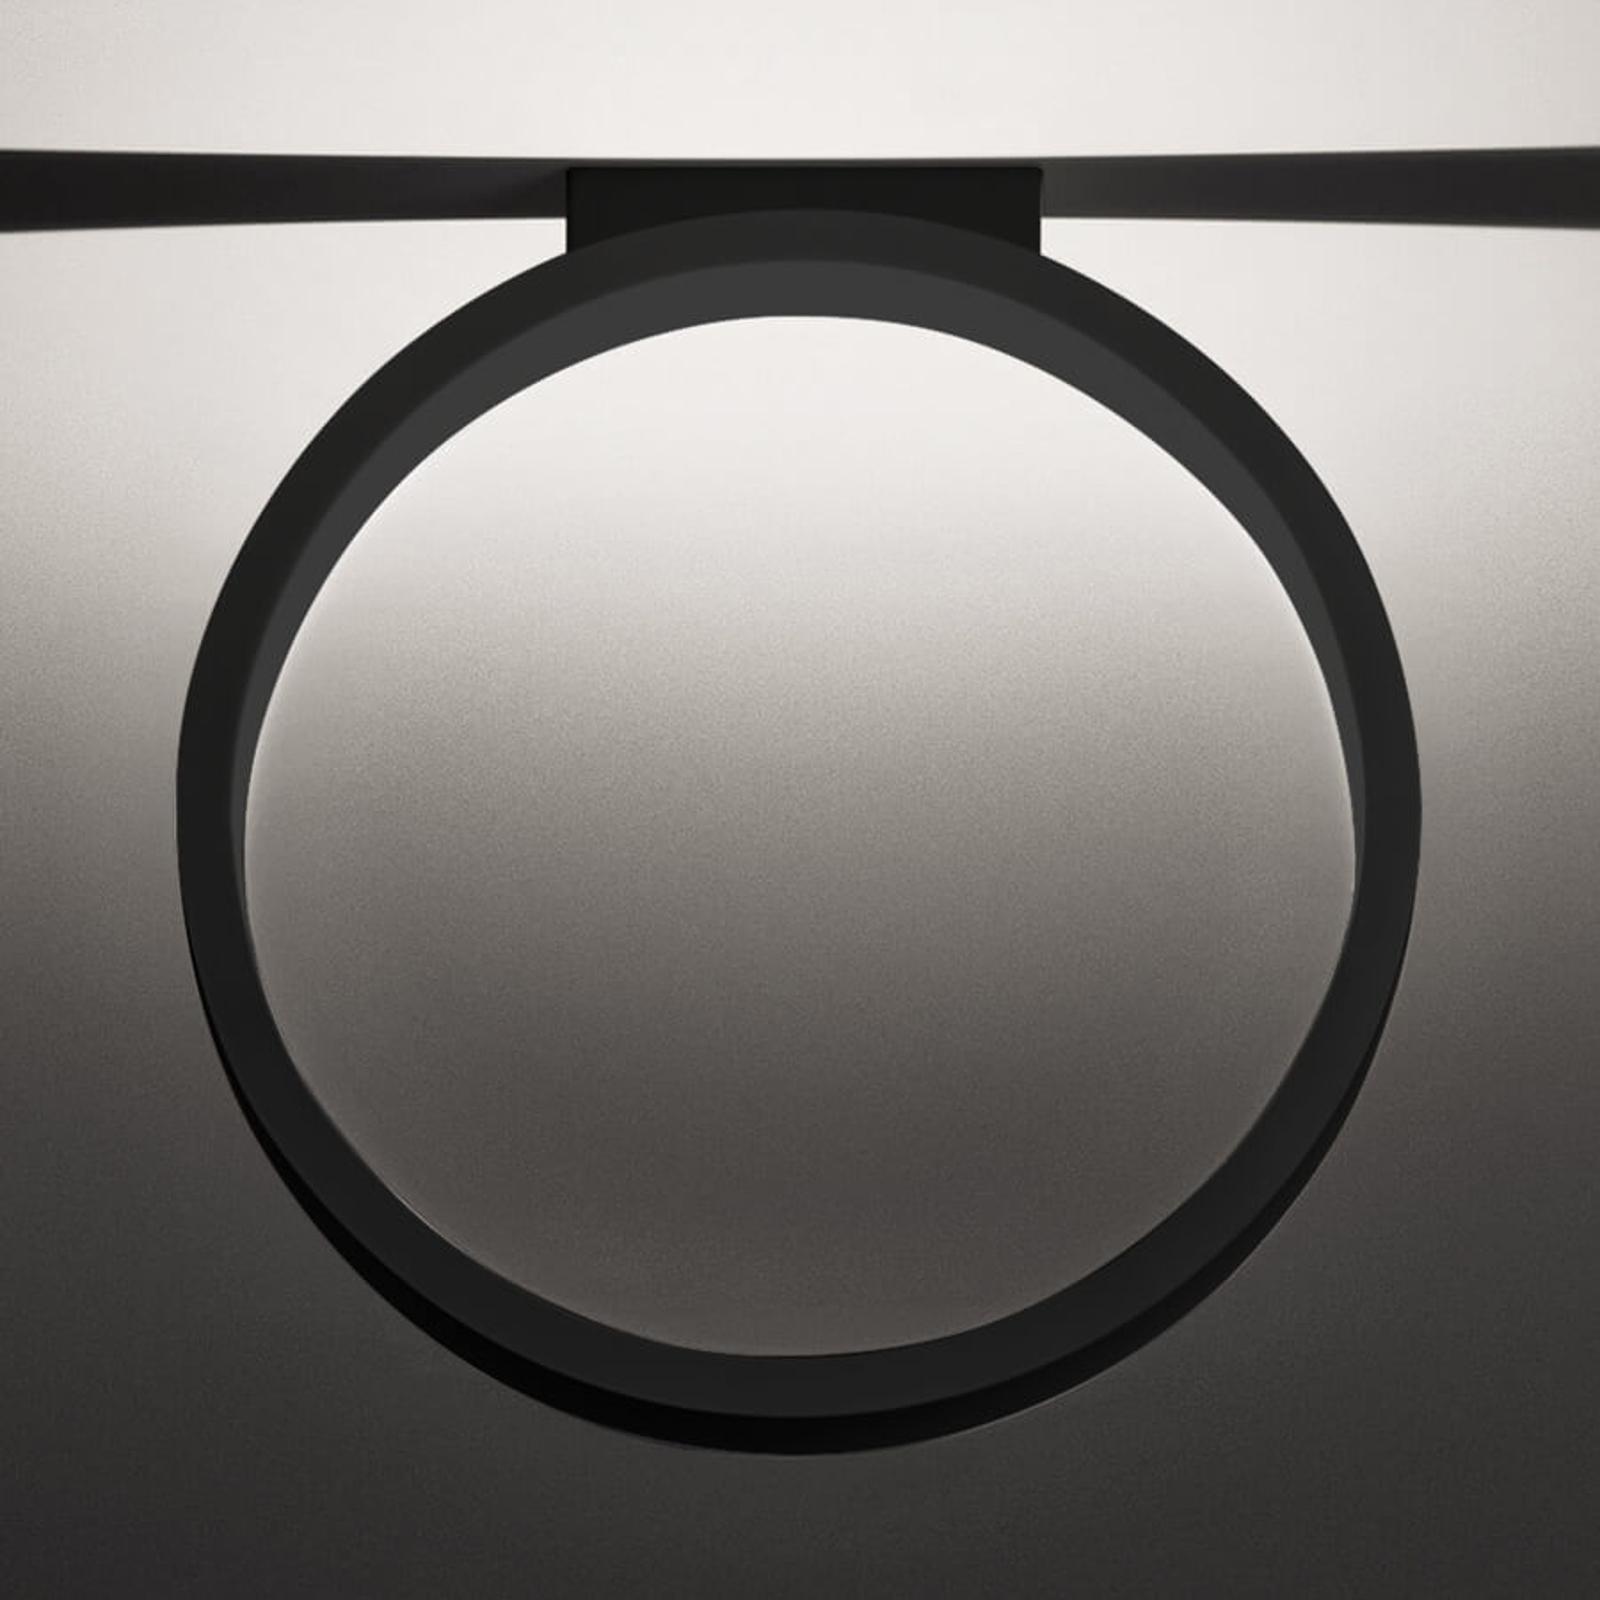 Acquista Plafoniera LED Assolo nera dimmerabile